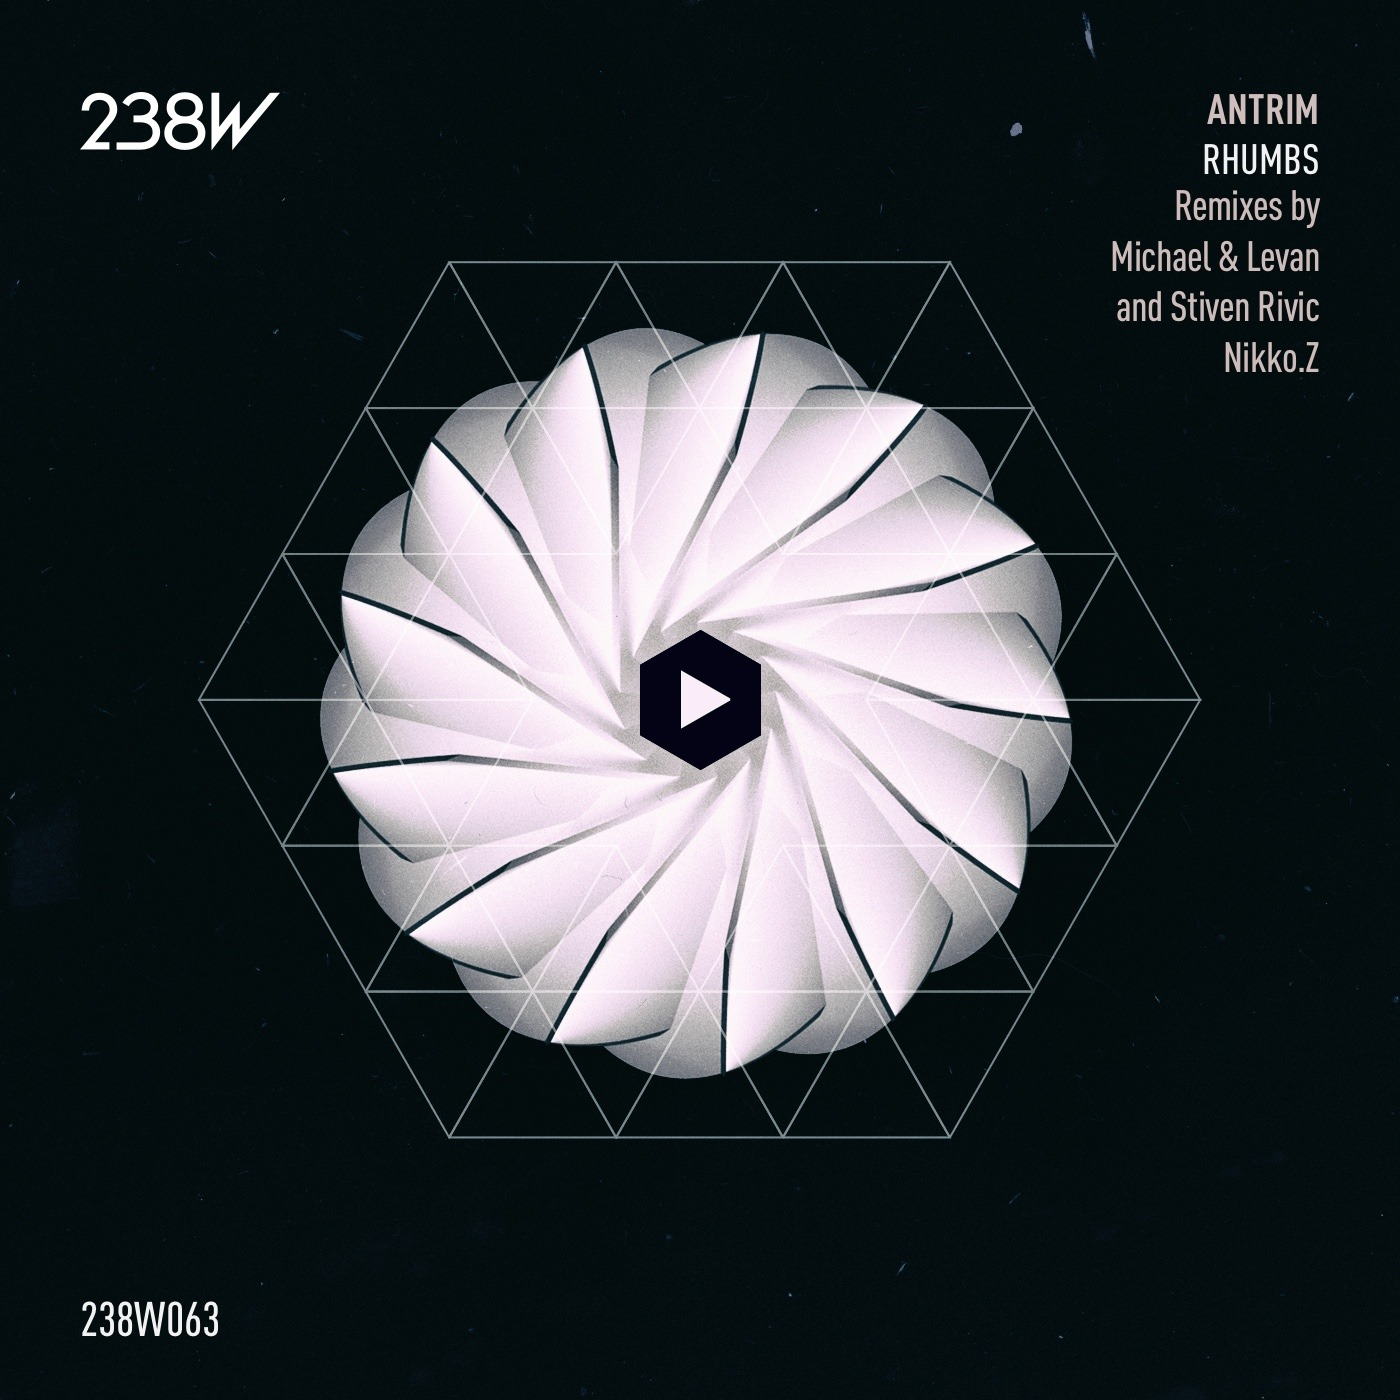 Antrim - Rhumbs (238W)